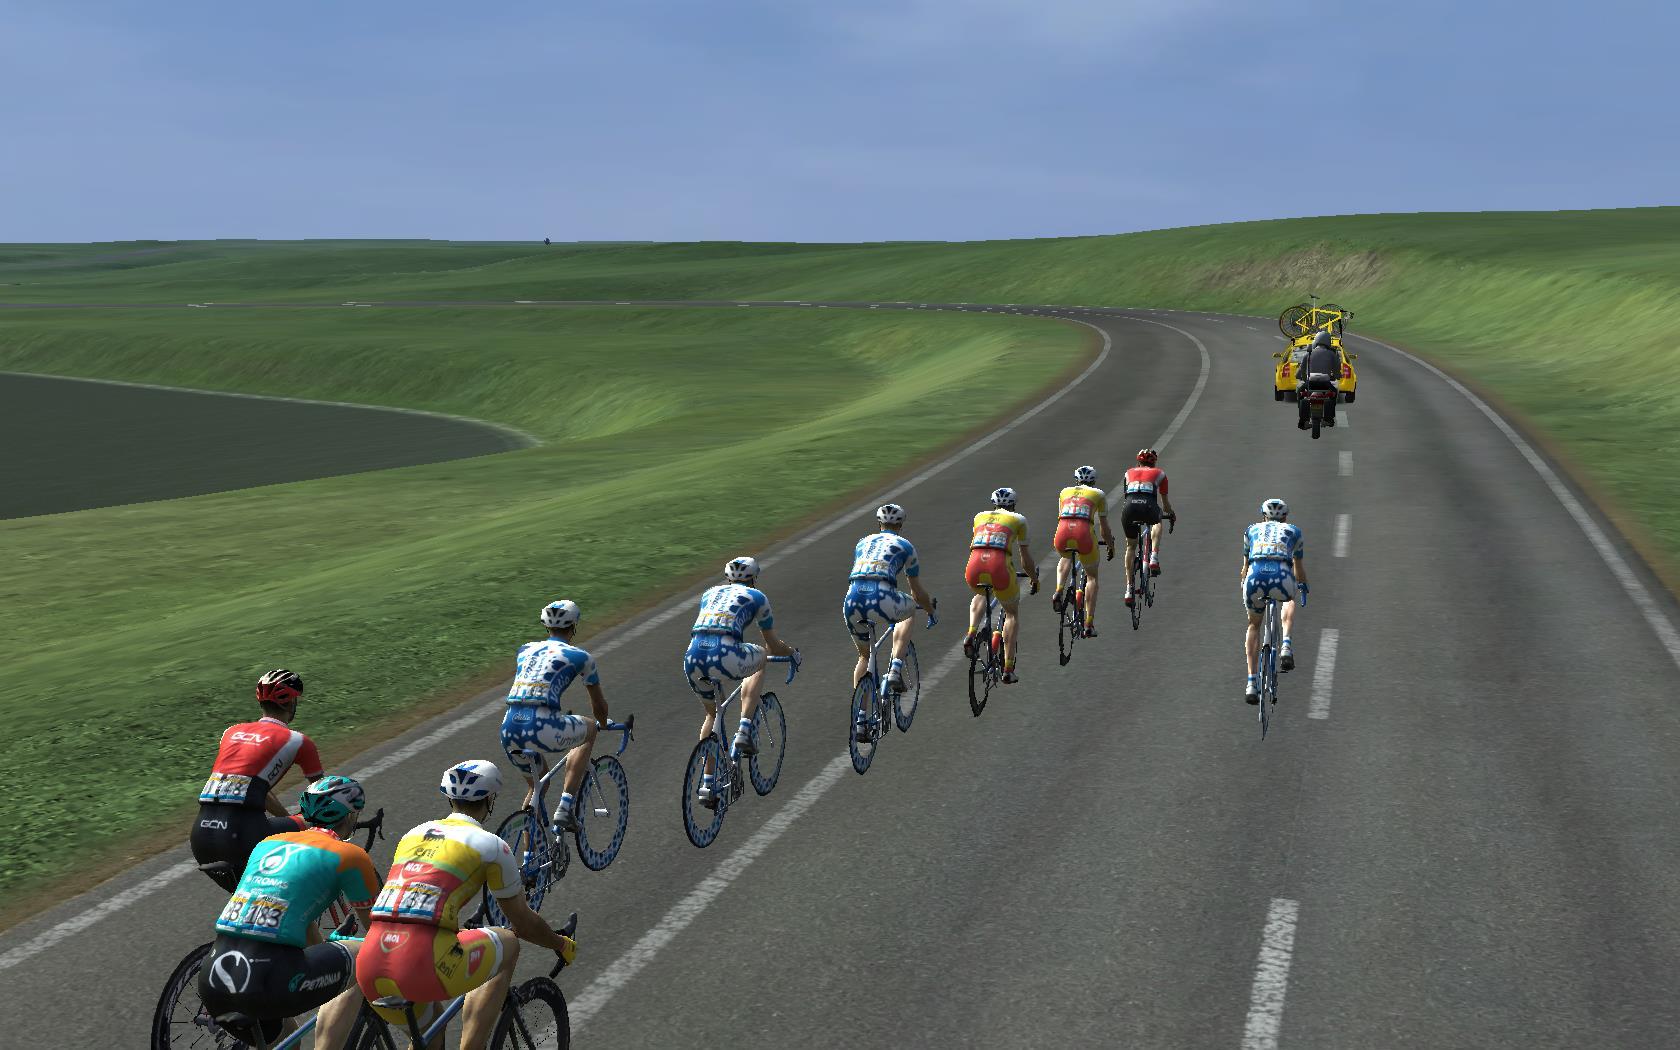 pcmdaily.com/images/mg/2018/Races/C2HC/ParisTours/PCM0006.jpg